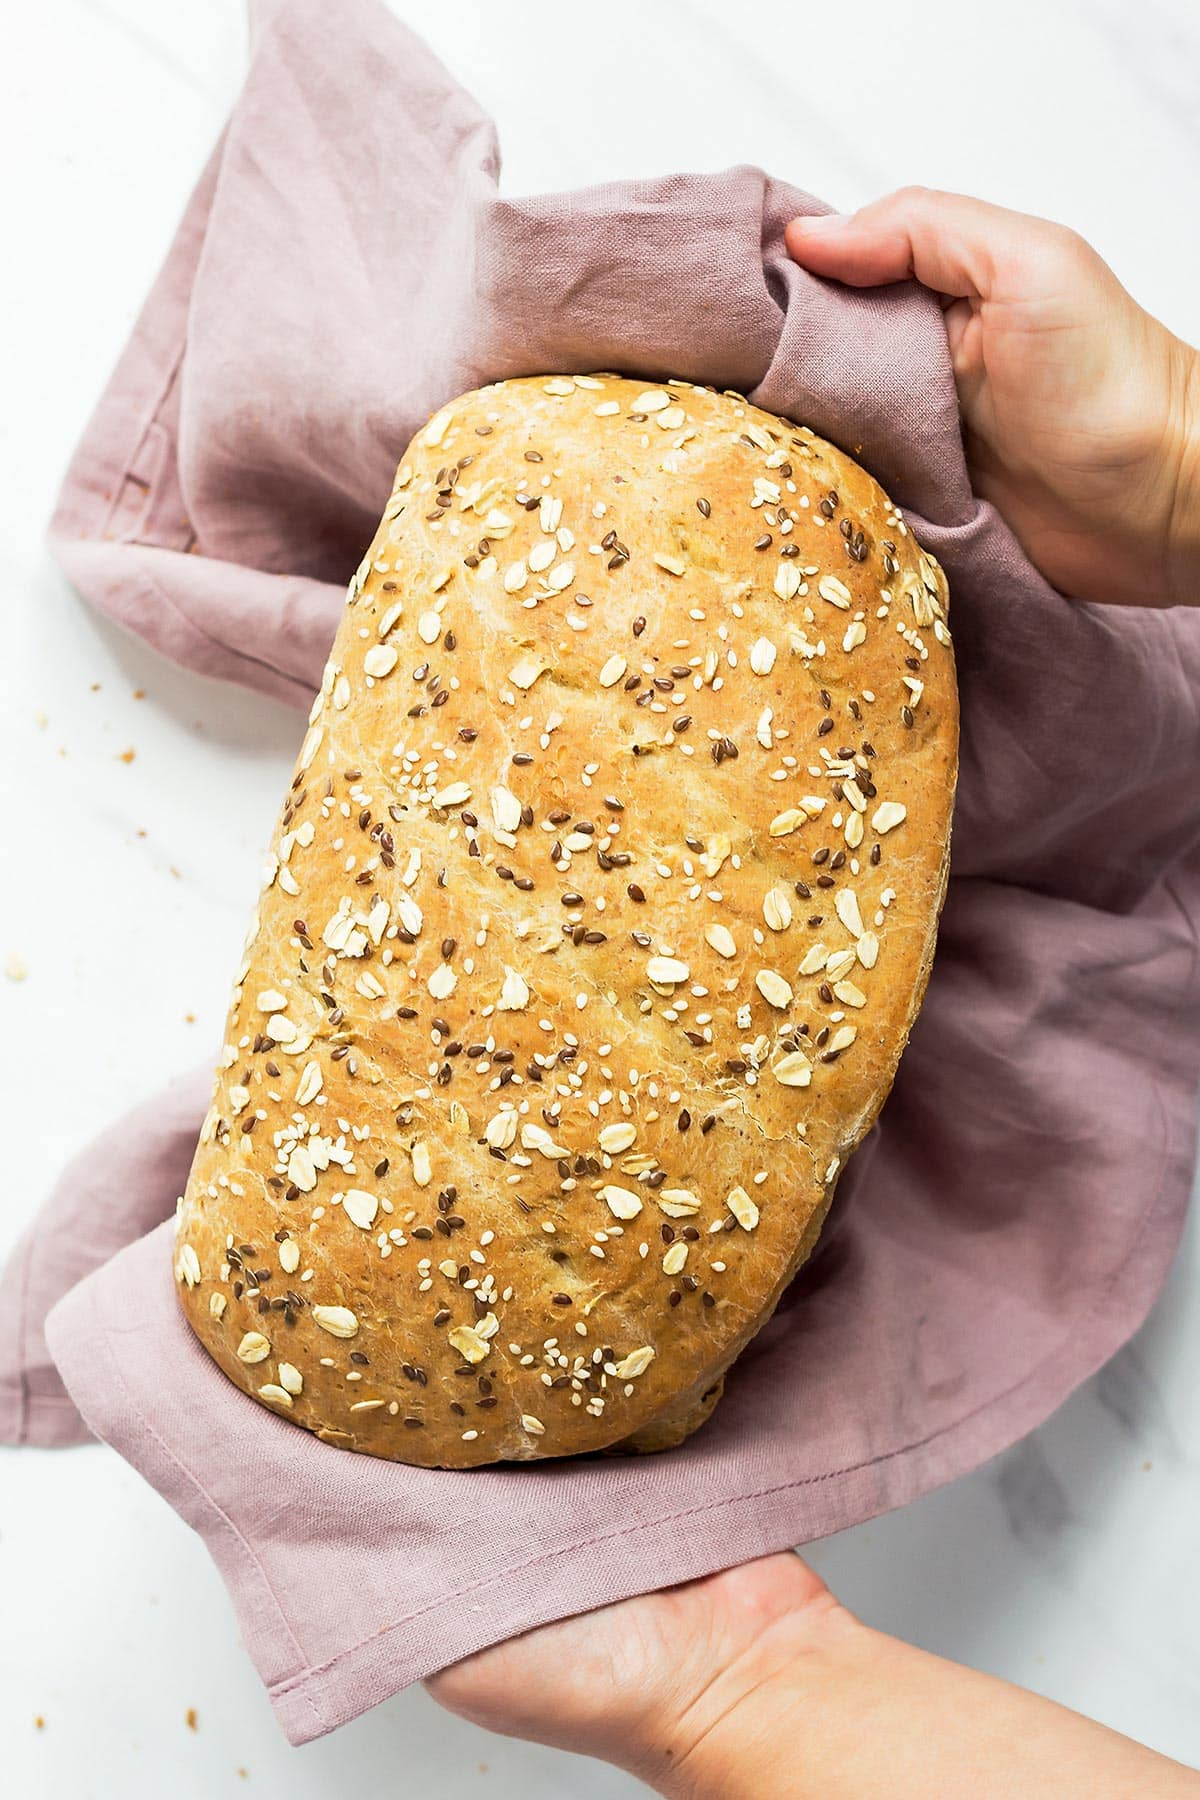 Holding sourdough sandwich bread